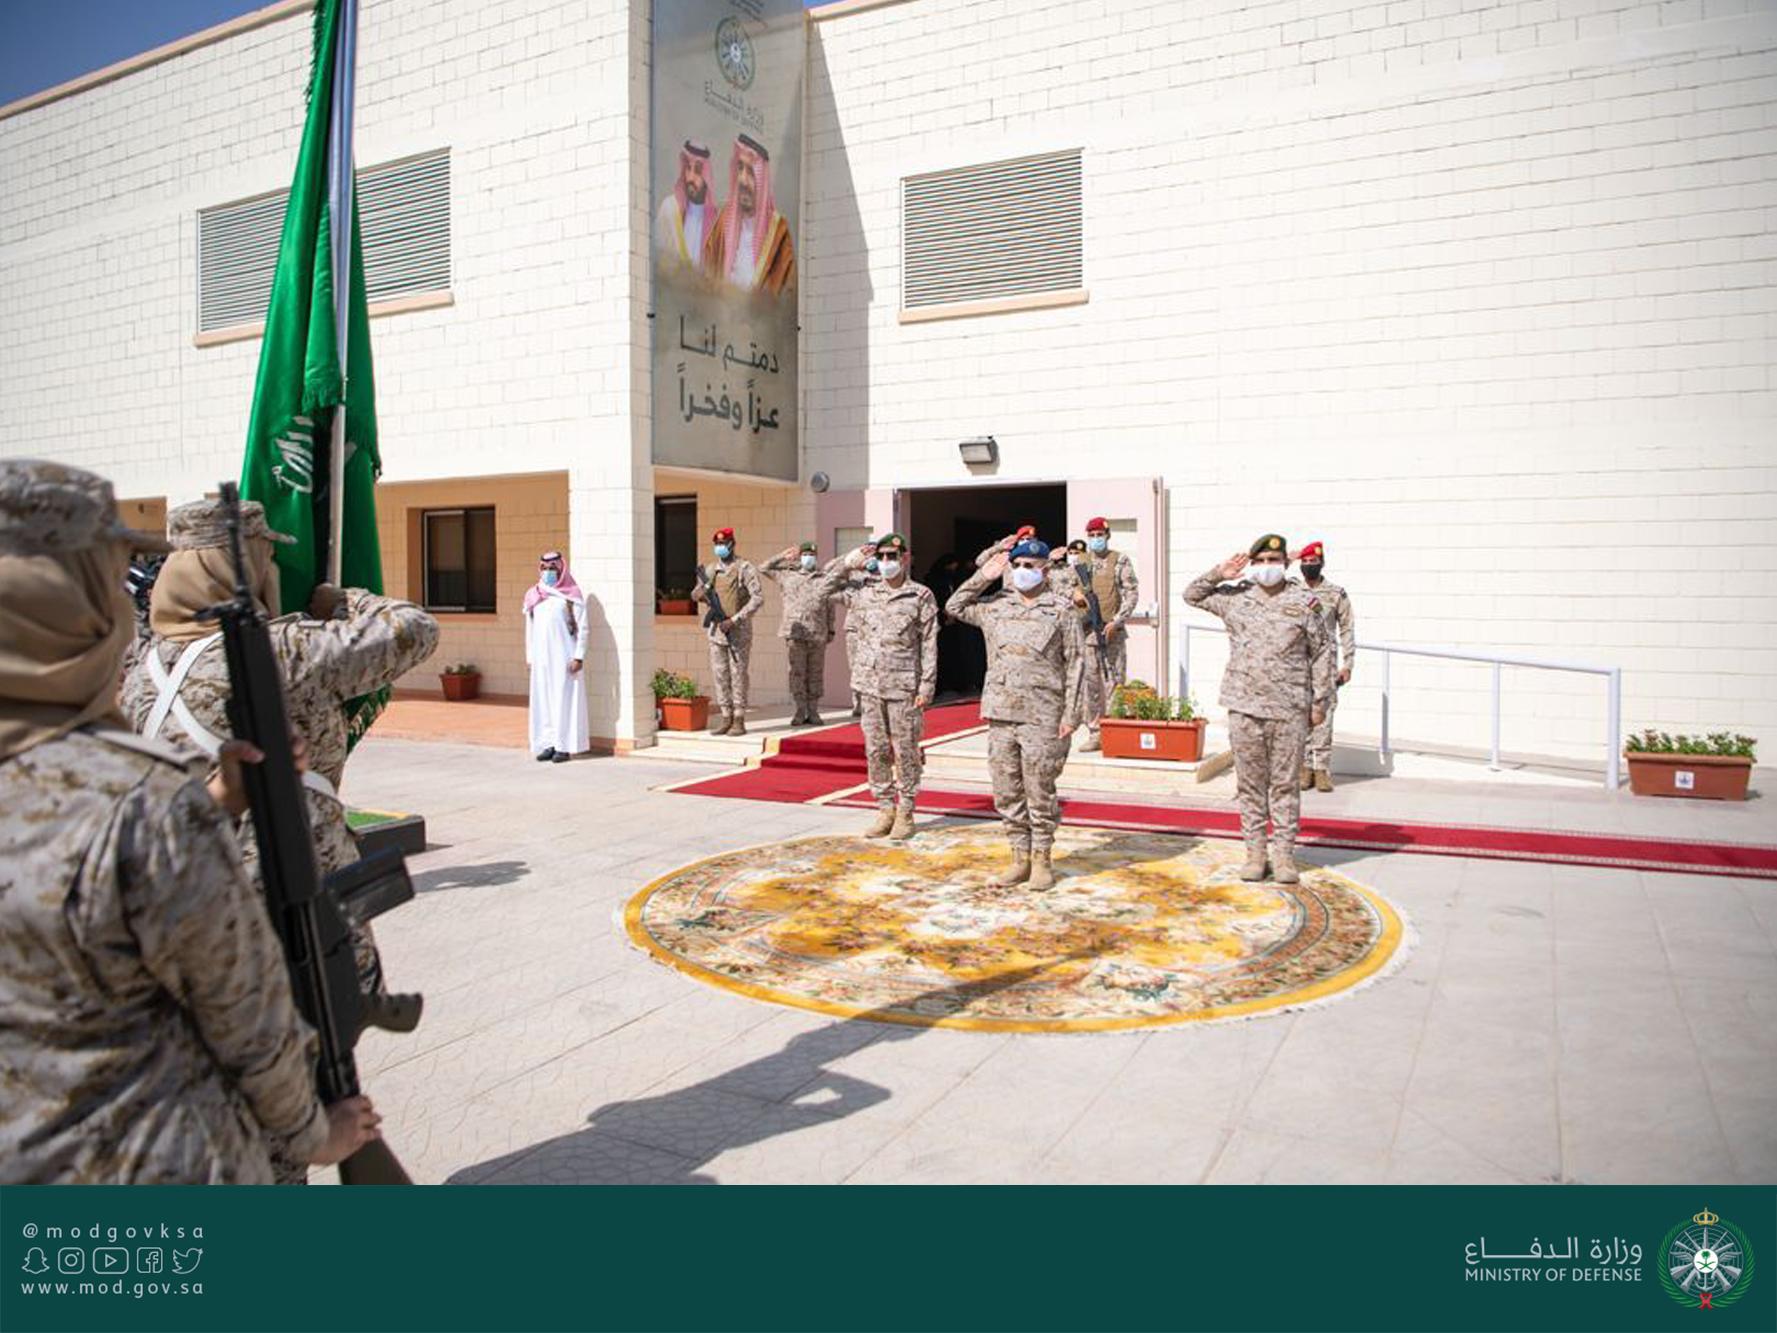 بالفيديو|| أول دفعة نسائية بالقوات المسلحة السعودية واستعرض مذهل بالأسلحة الرشاشة - صور وفيديو